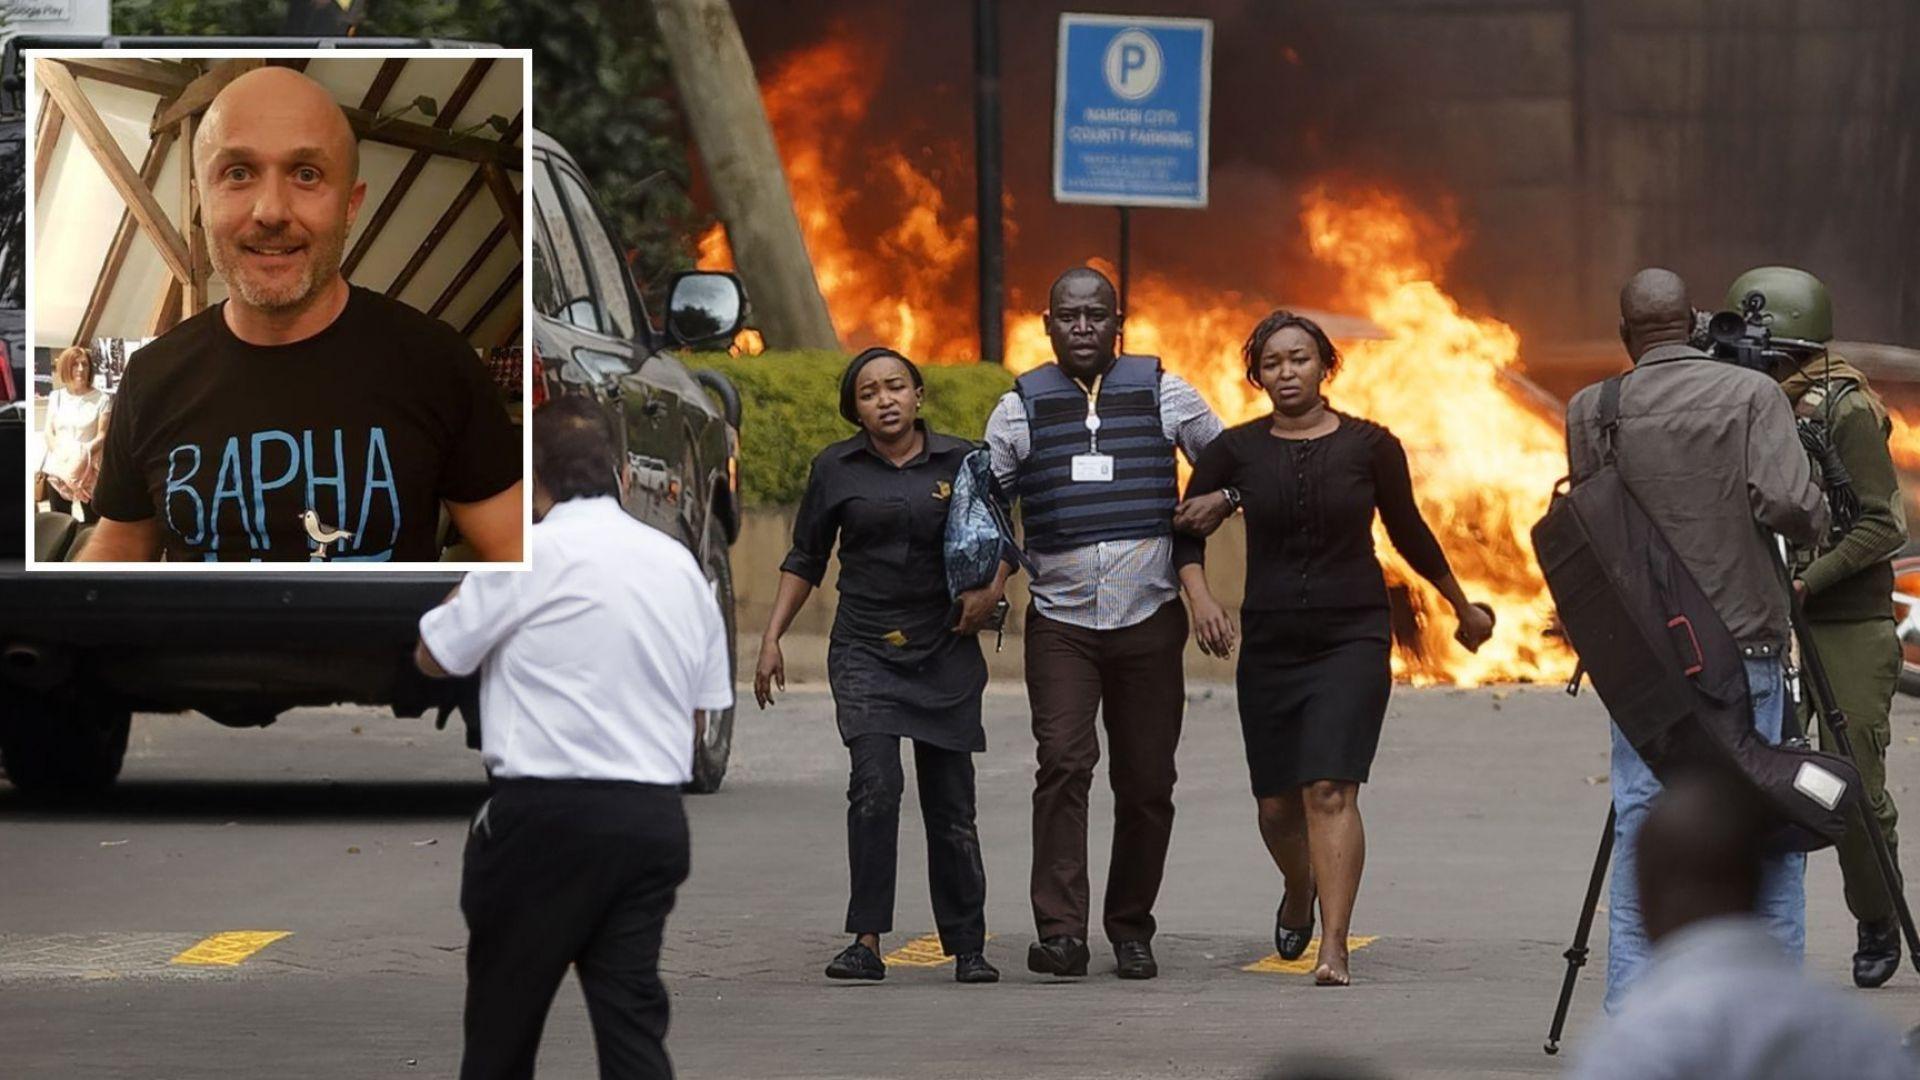 Георги Тошев от Найроби: Терорът е смърт!